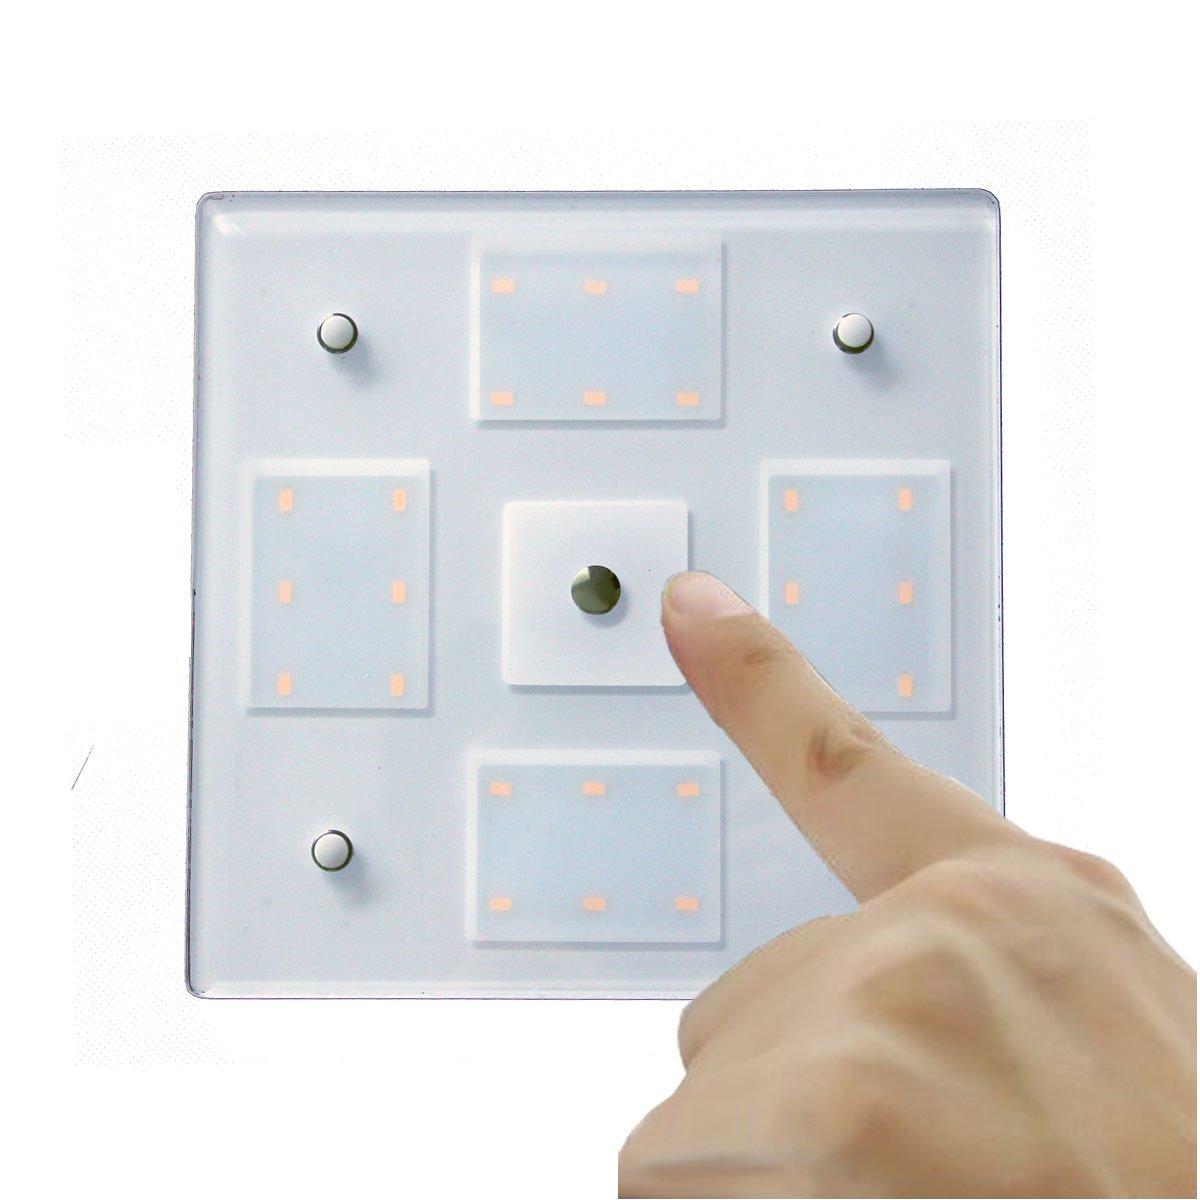 Blanco c/álido//Azul yate y Caravana 12 V 5.2 W Luz de Panel de Dos Colores luz de Techo LED de construcci/ón con Interruptor t/áctil y atenuador t/áctil para Barco LIGHTEU